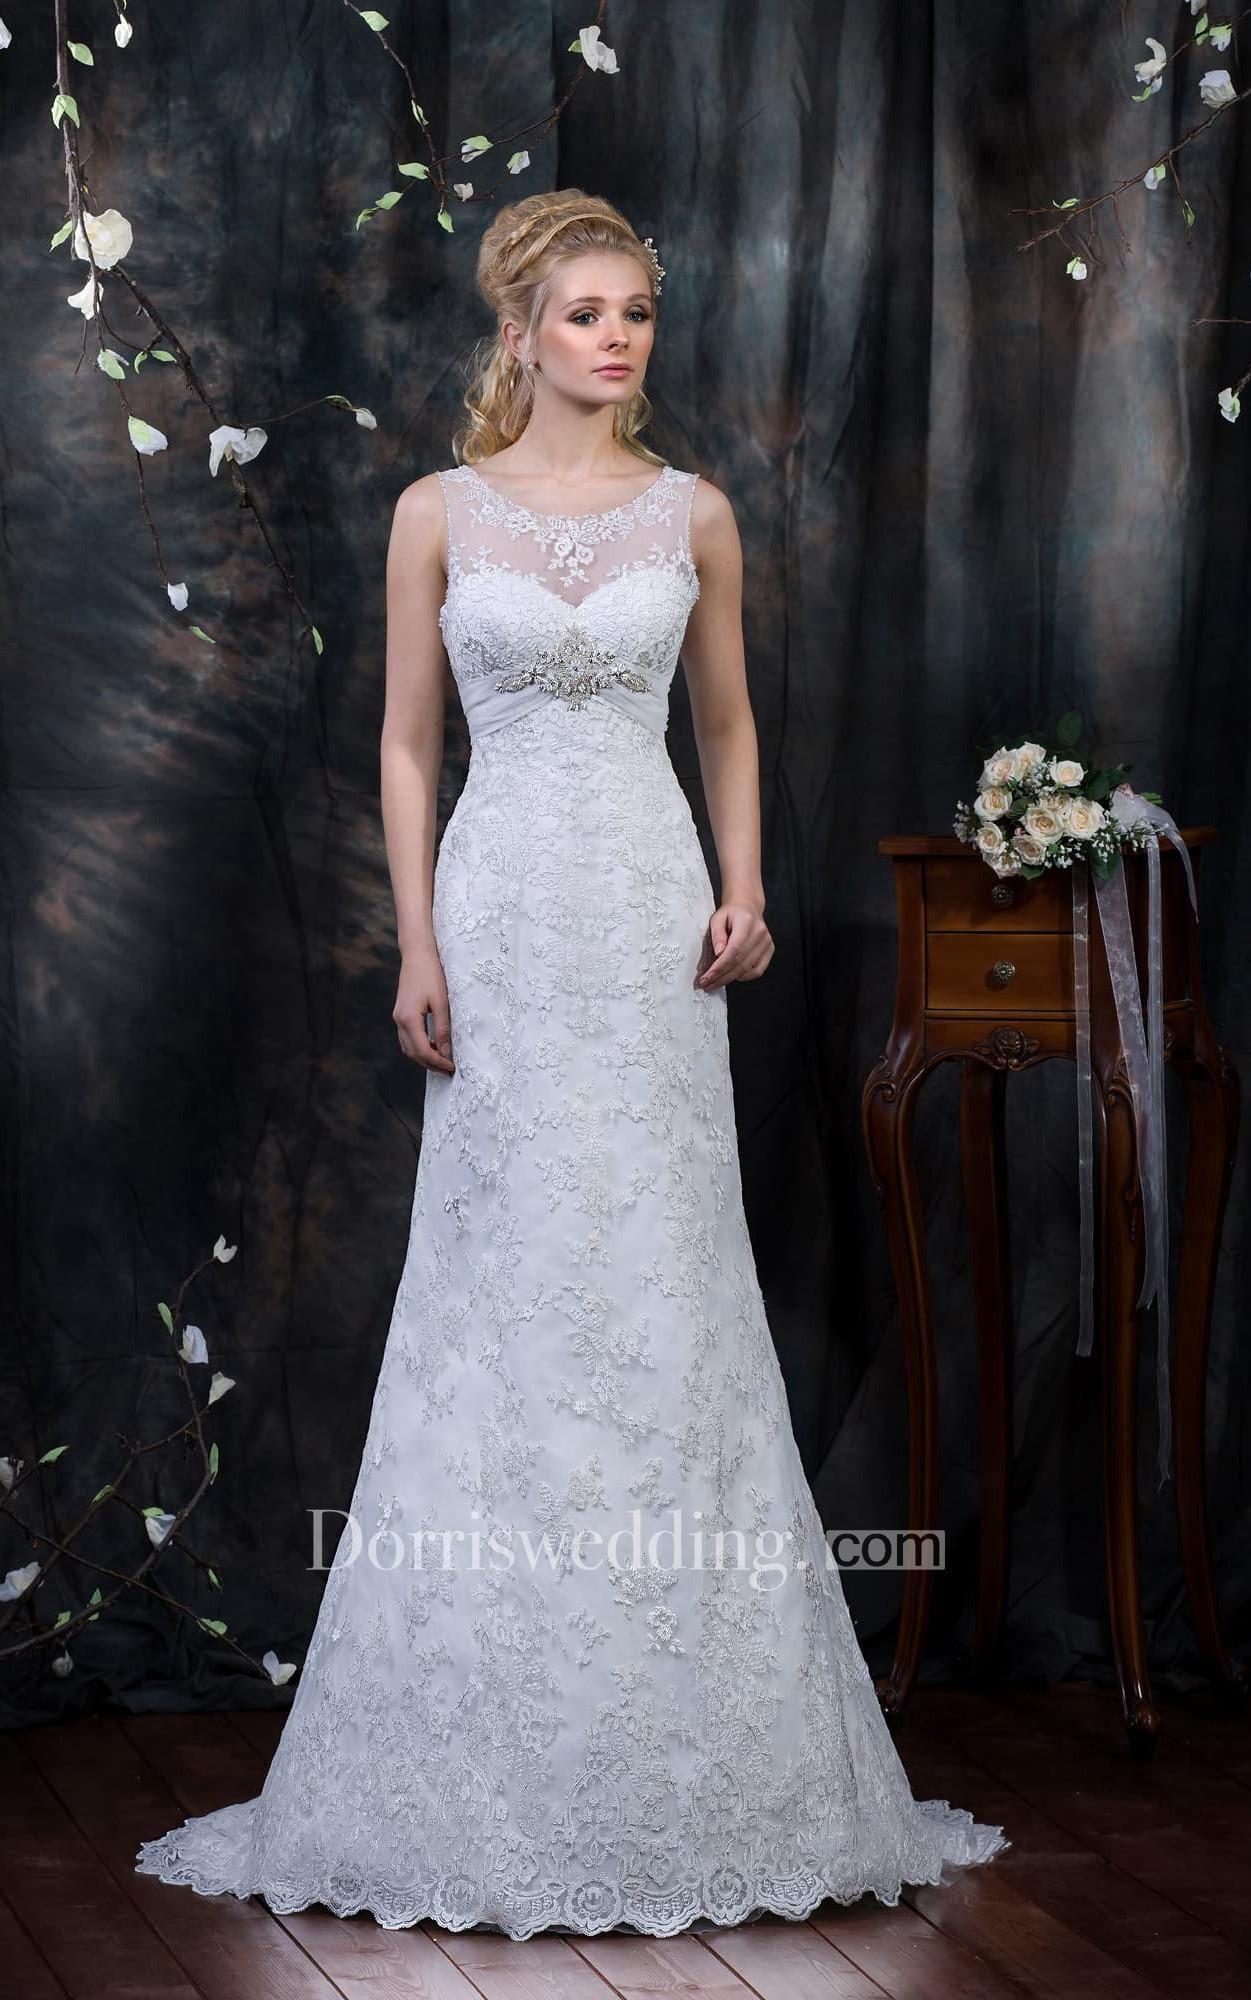 #Dorris Wedding - #Dorris Wedding Sheath Floor-Length V-Neck Sleeveless Low-V-Back Lace Dress With Appliques And Beading - AdoreWe.com